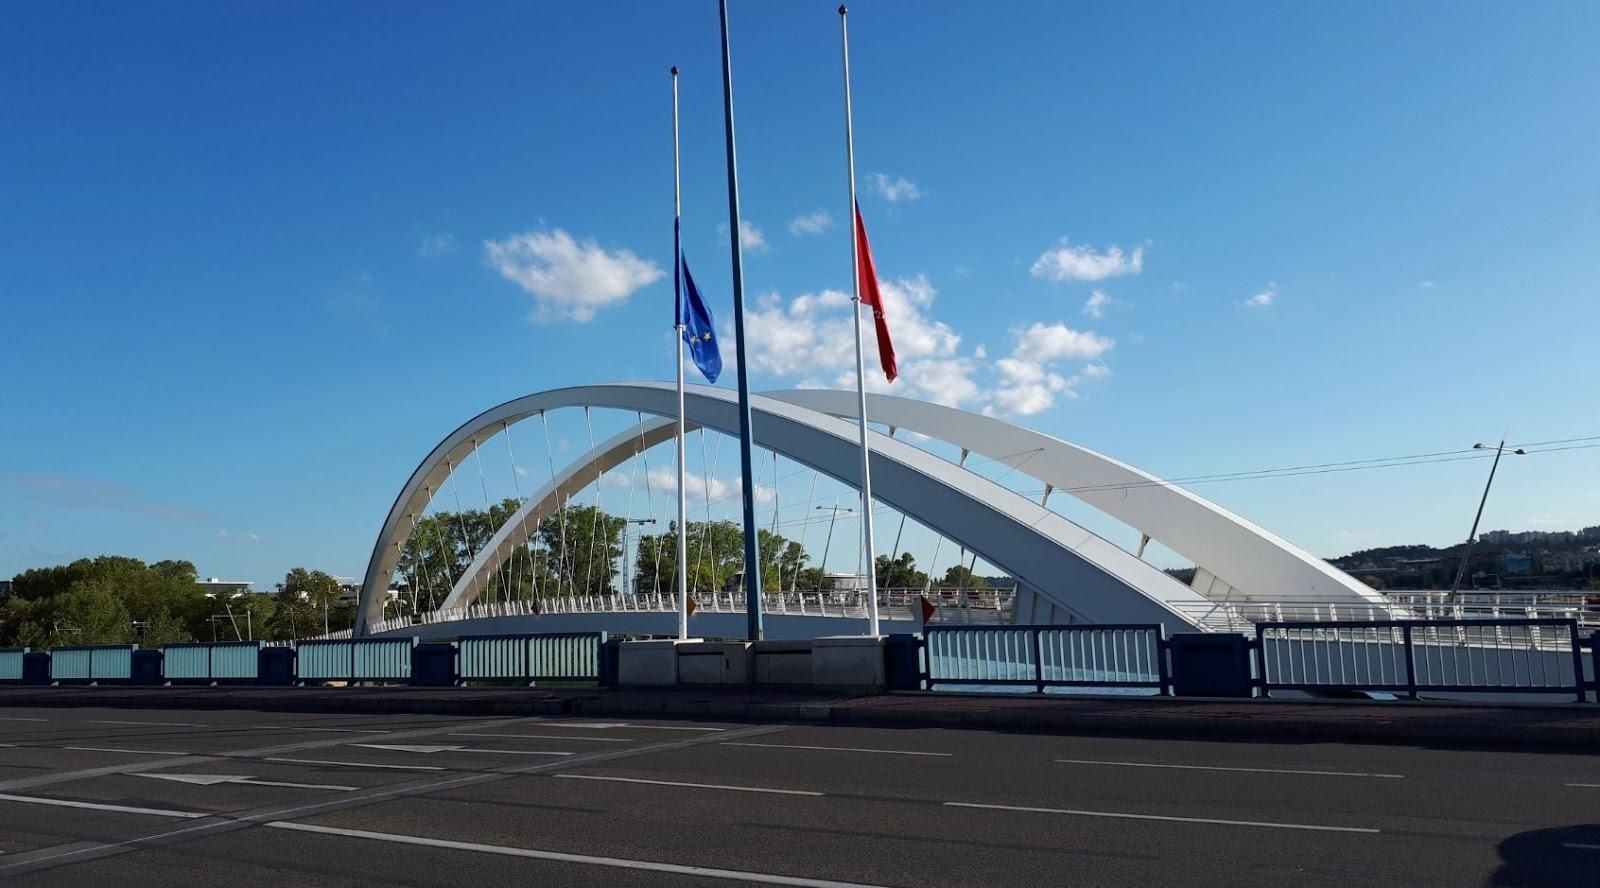 Pont Raymond Barre à Lyon - Mode de transport doux : Tram, vélo et piétons